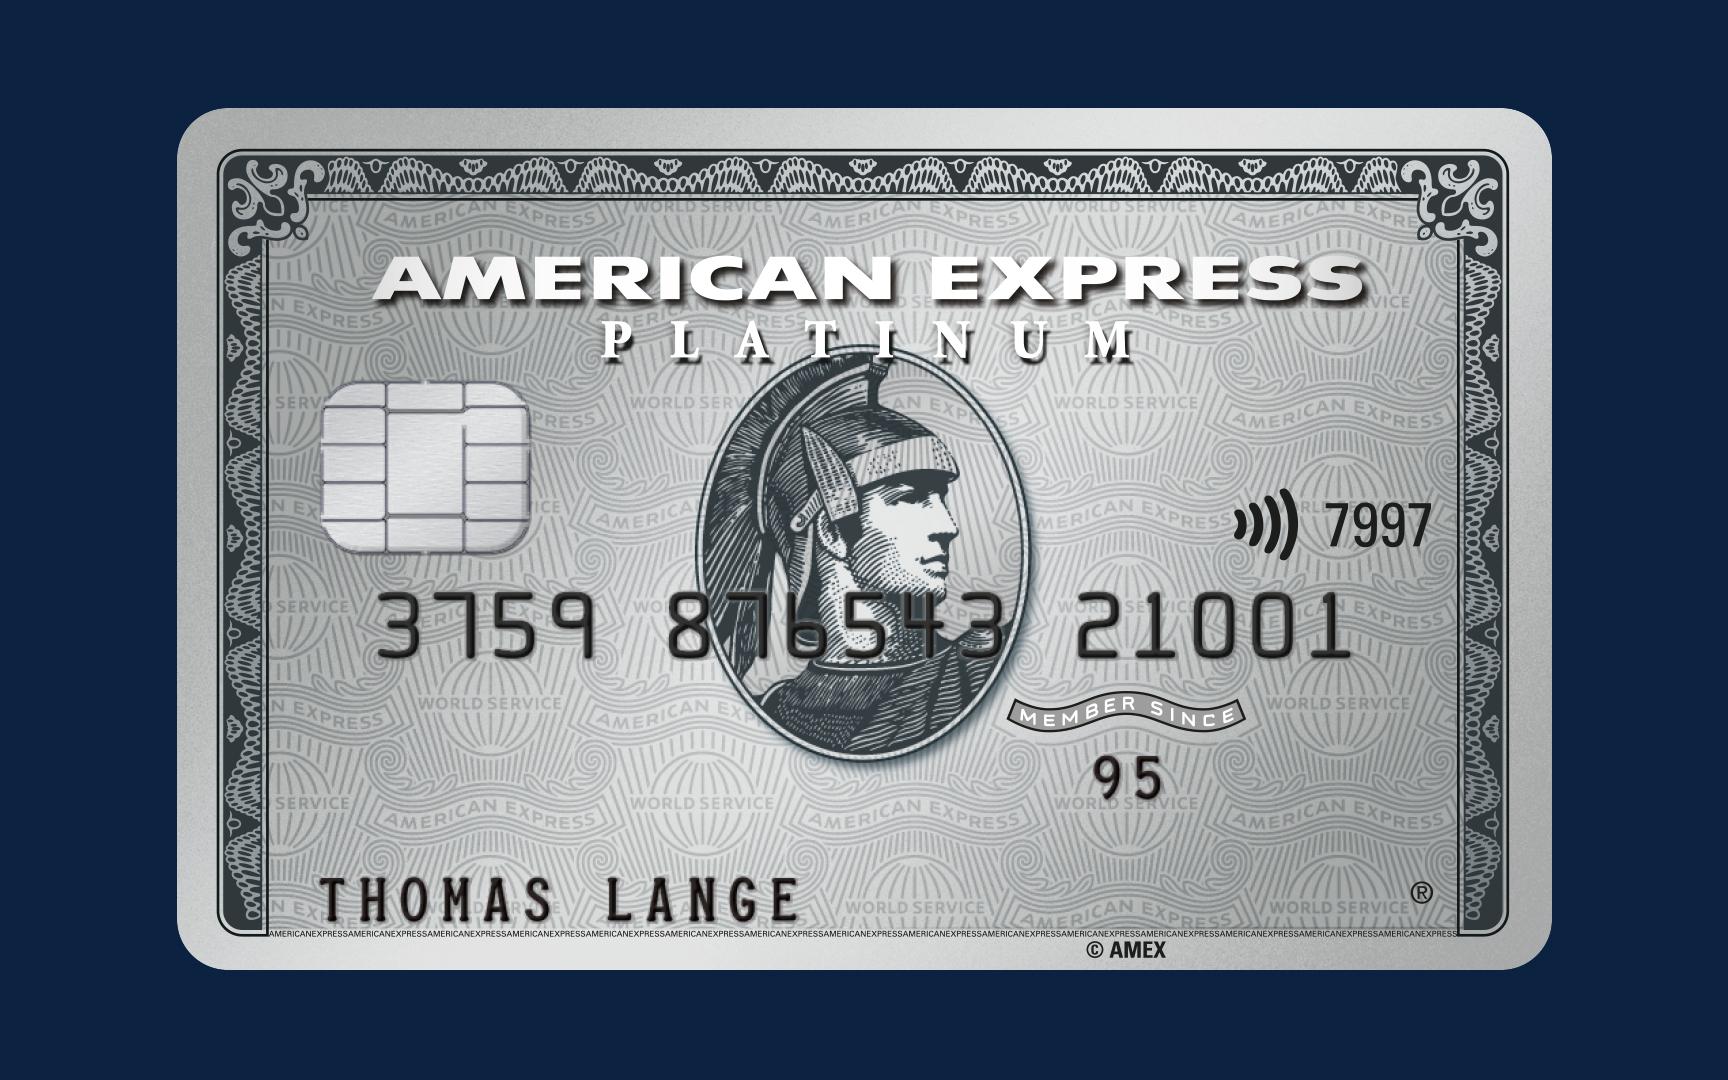 American Express Platinum mit 500€ Startguthaben & 200€ Reiseguthaben OHNE Bedingungen über den Handelsblatt-Club